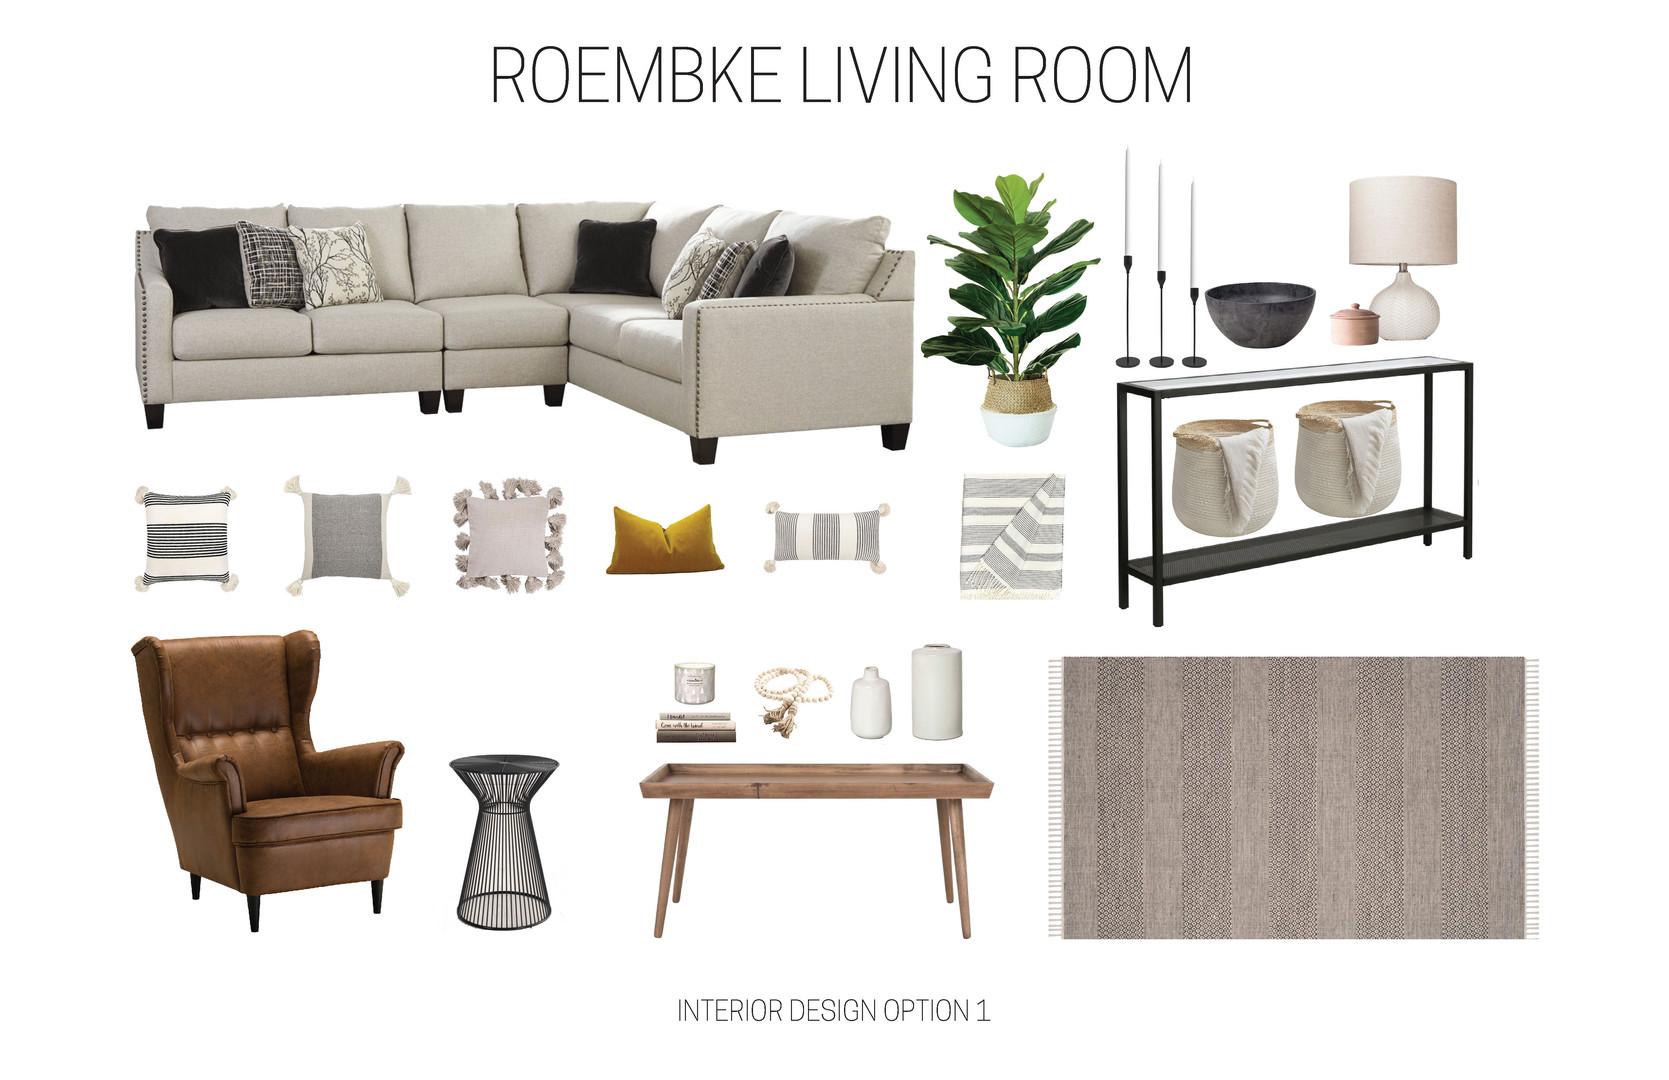 ROEMBKE LIVING ROOM REDESIGN